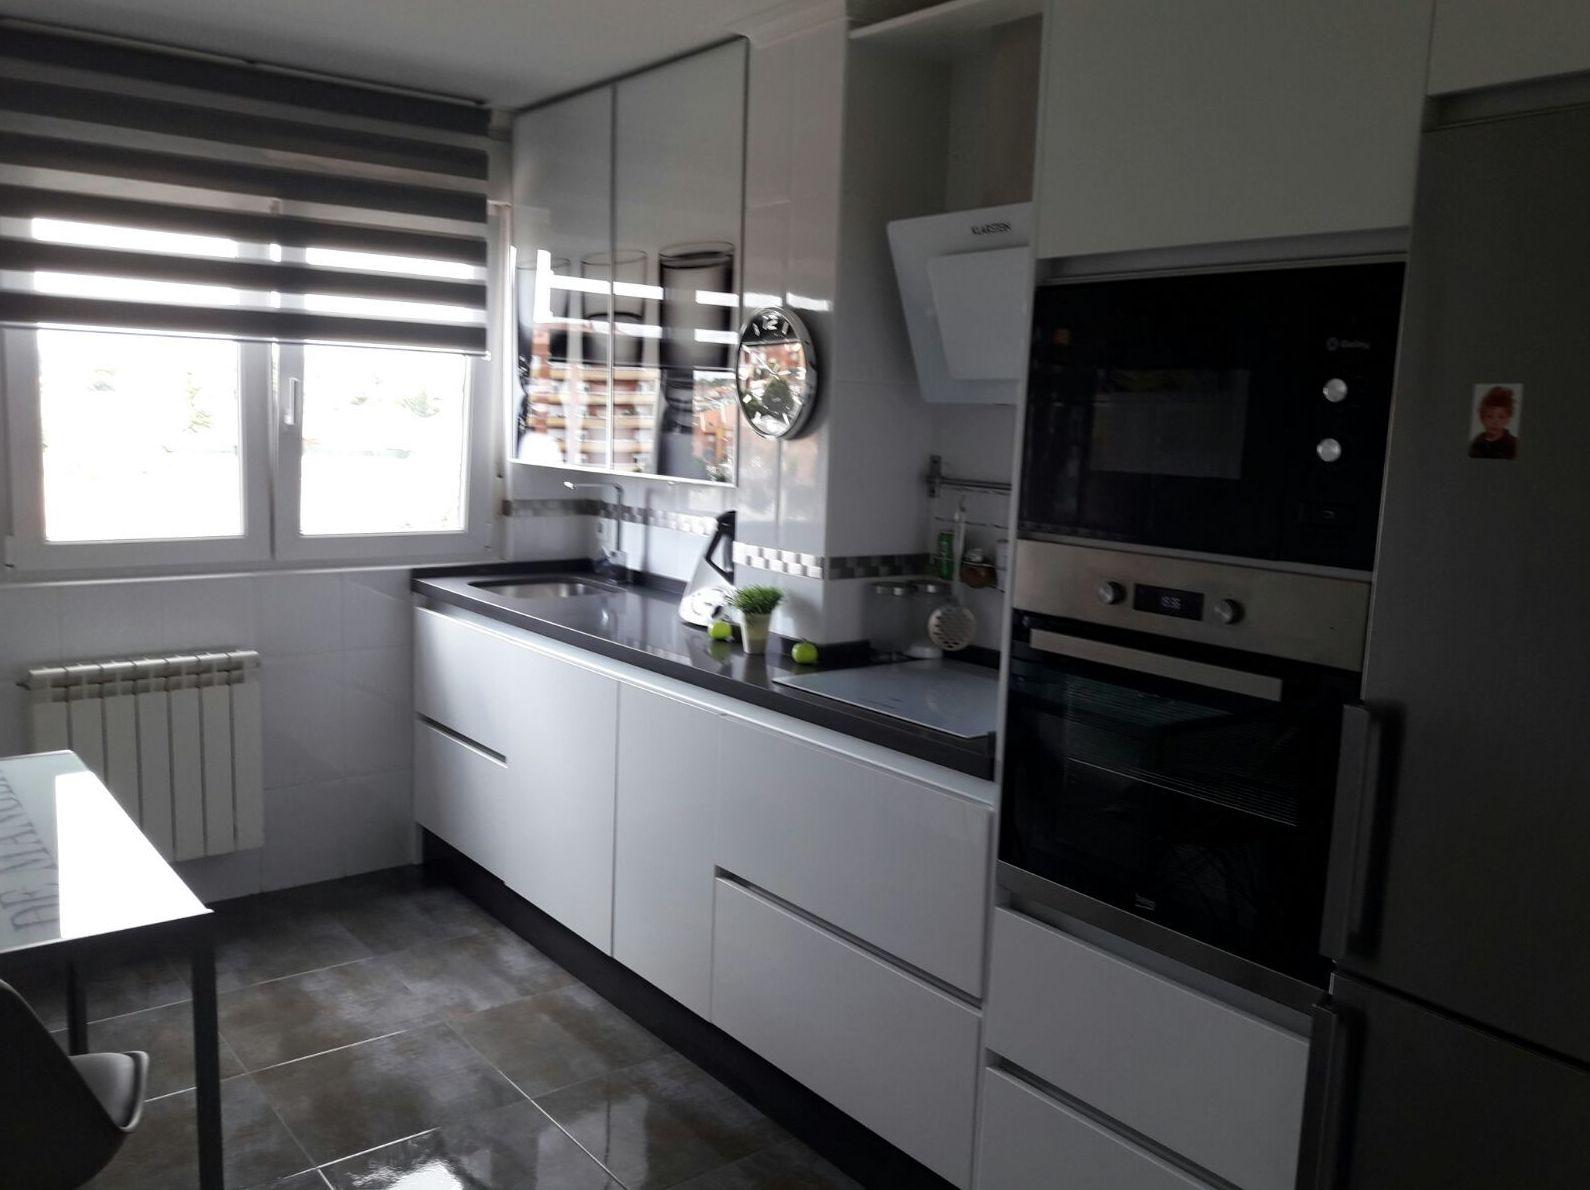 Cocinas reformadas cocinas y ba os de f alba cocinas y - Reformas de cocinas y banos ...